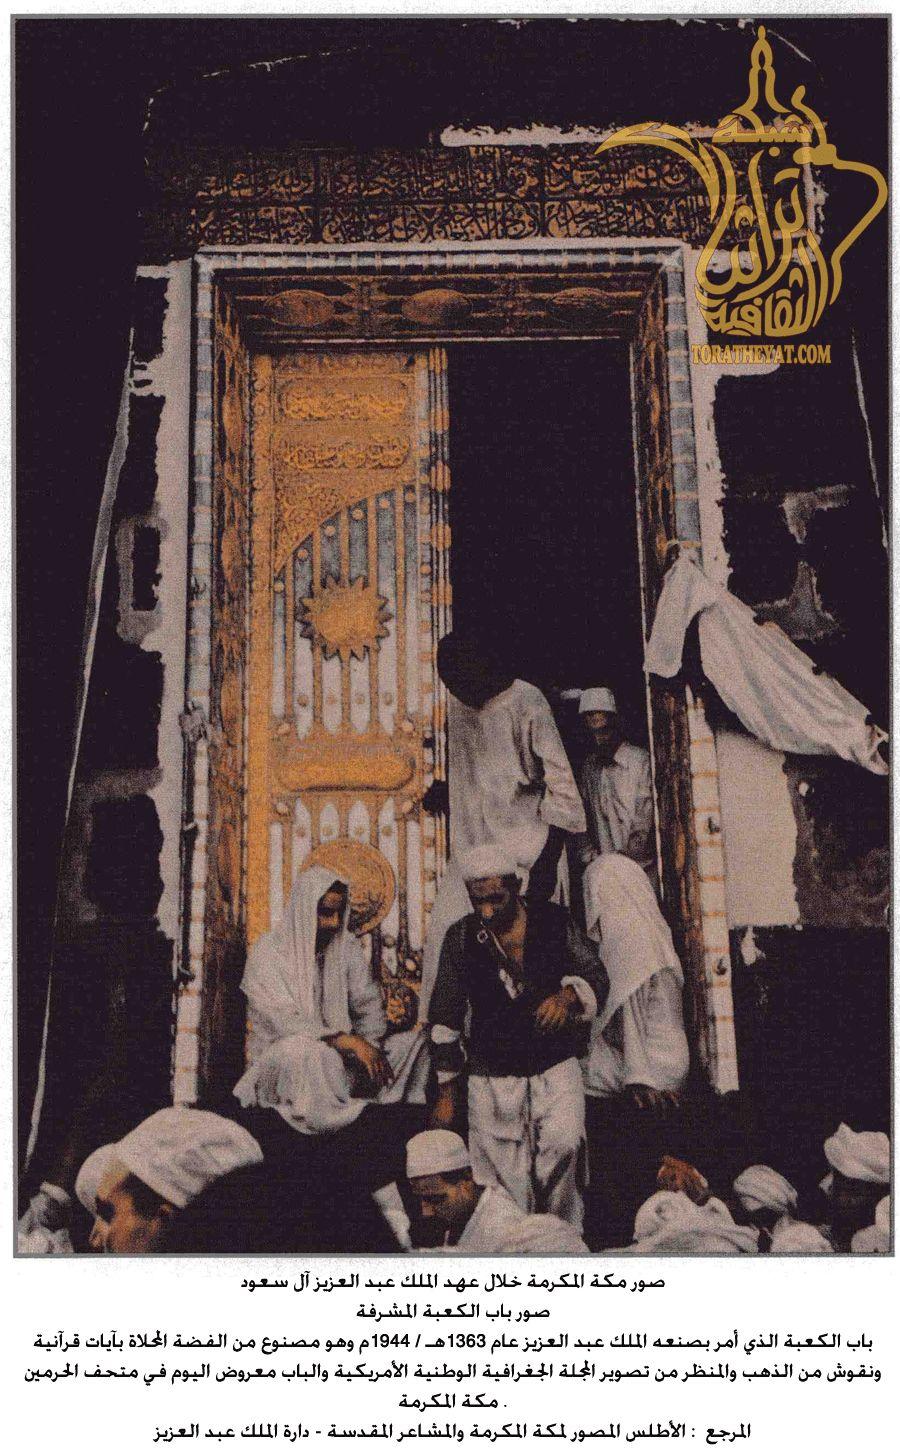 باب الكعبة المشرفة في الماضي Kaba Makkah Islamic Art